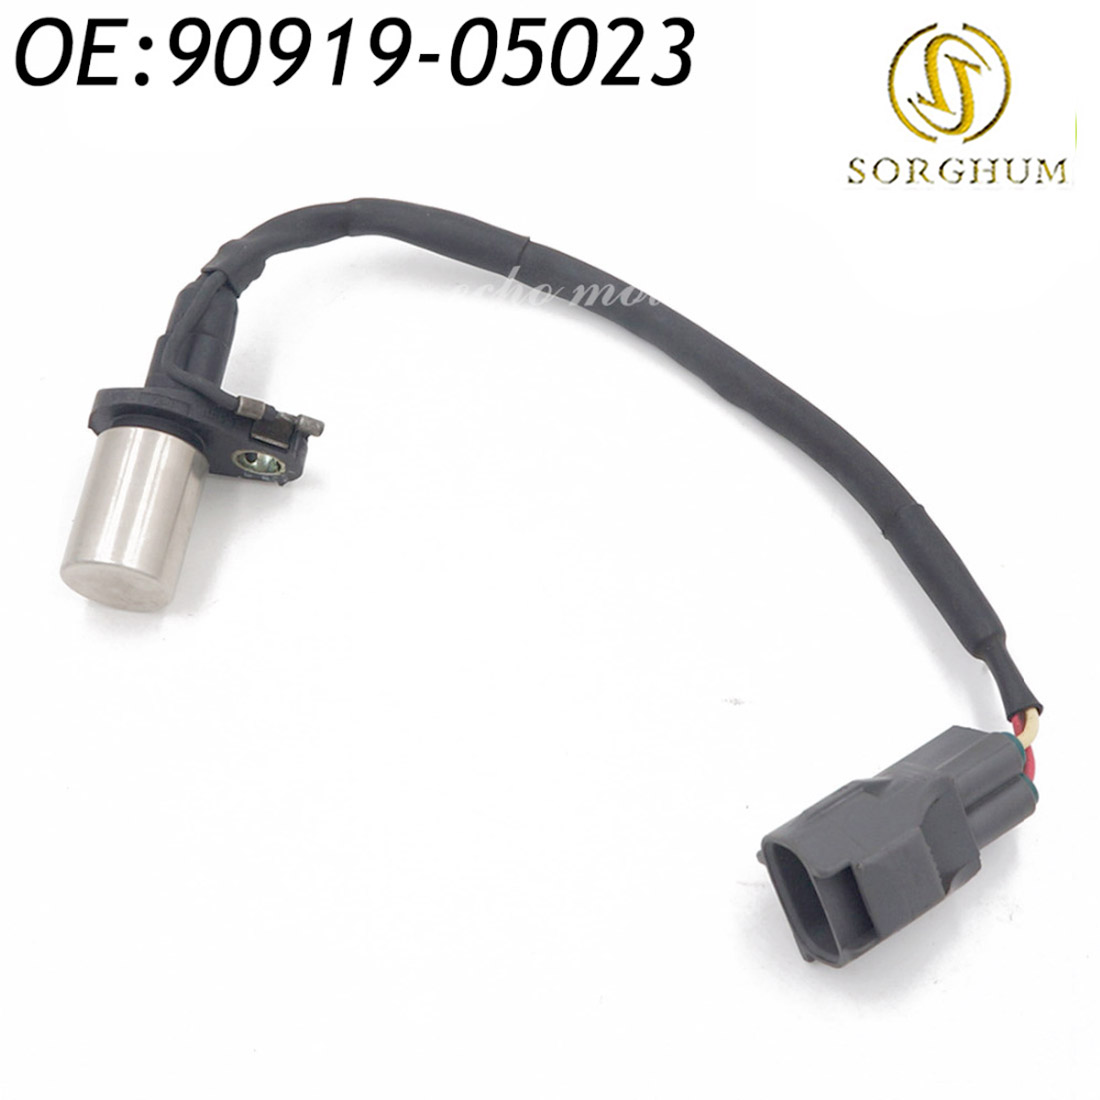 Automobiles Sensors Crankshaft/camshafts Position Sensor New 90919-05023 Crank Shaft Crankshaft Position Sensor For Lexus Gs300 Sc300 Is300 3.0l L6 9091905023,90919 05023 Complete In Specifications